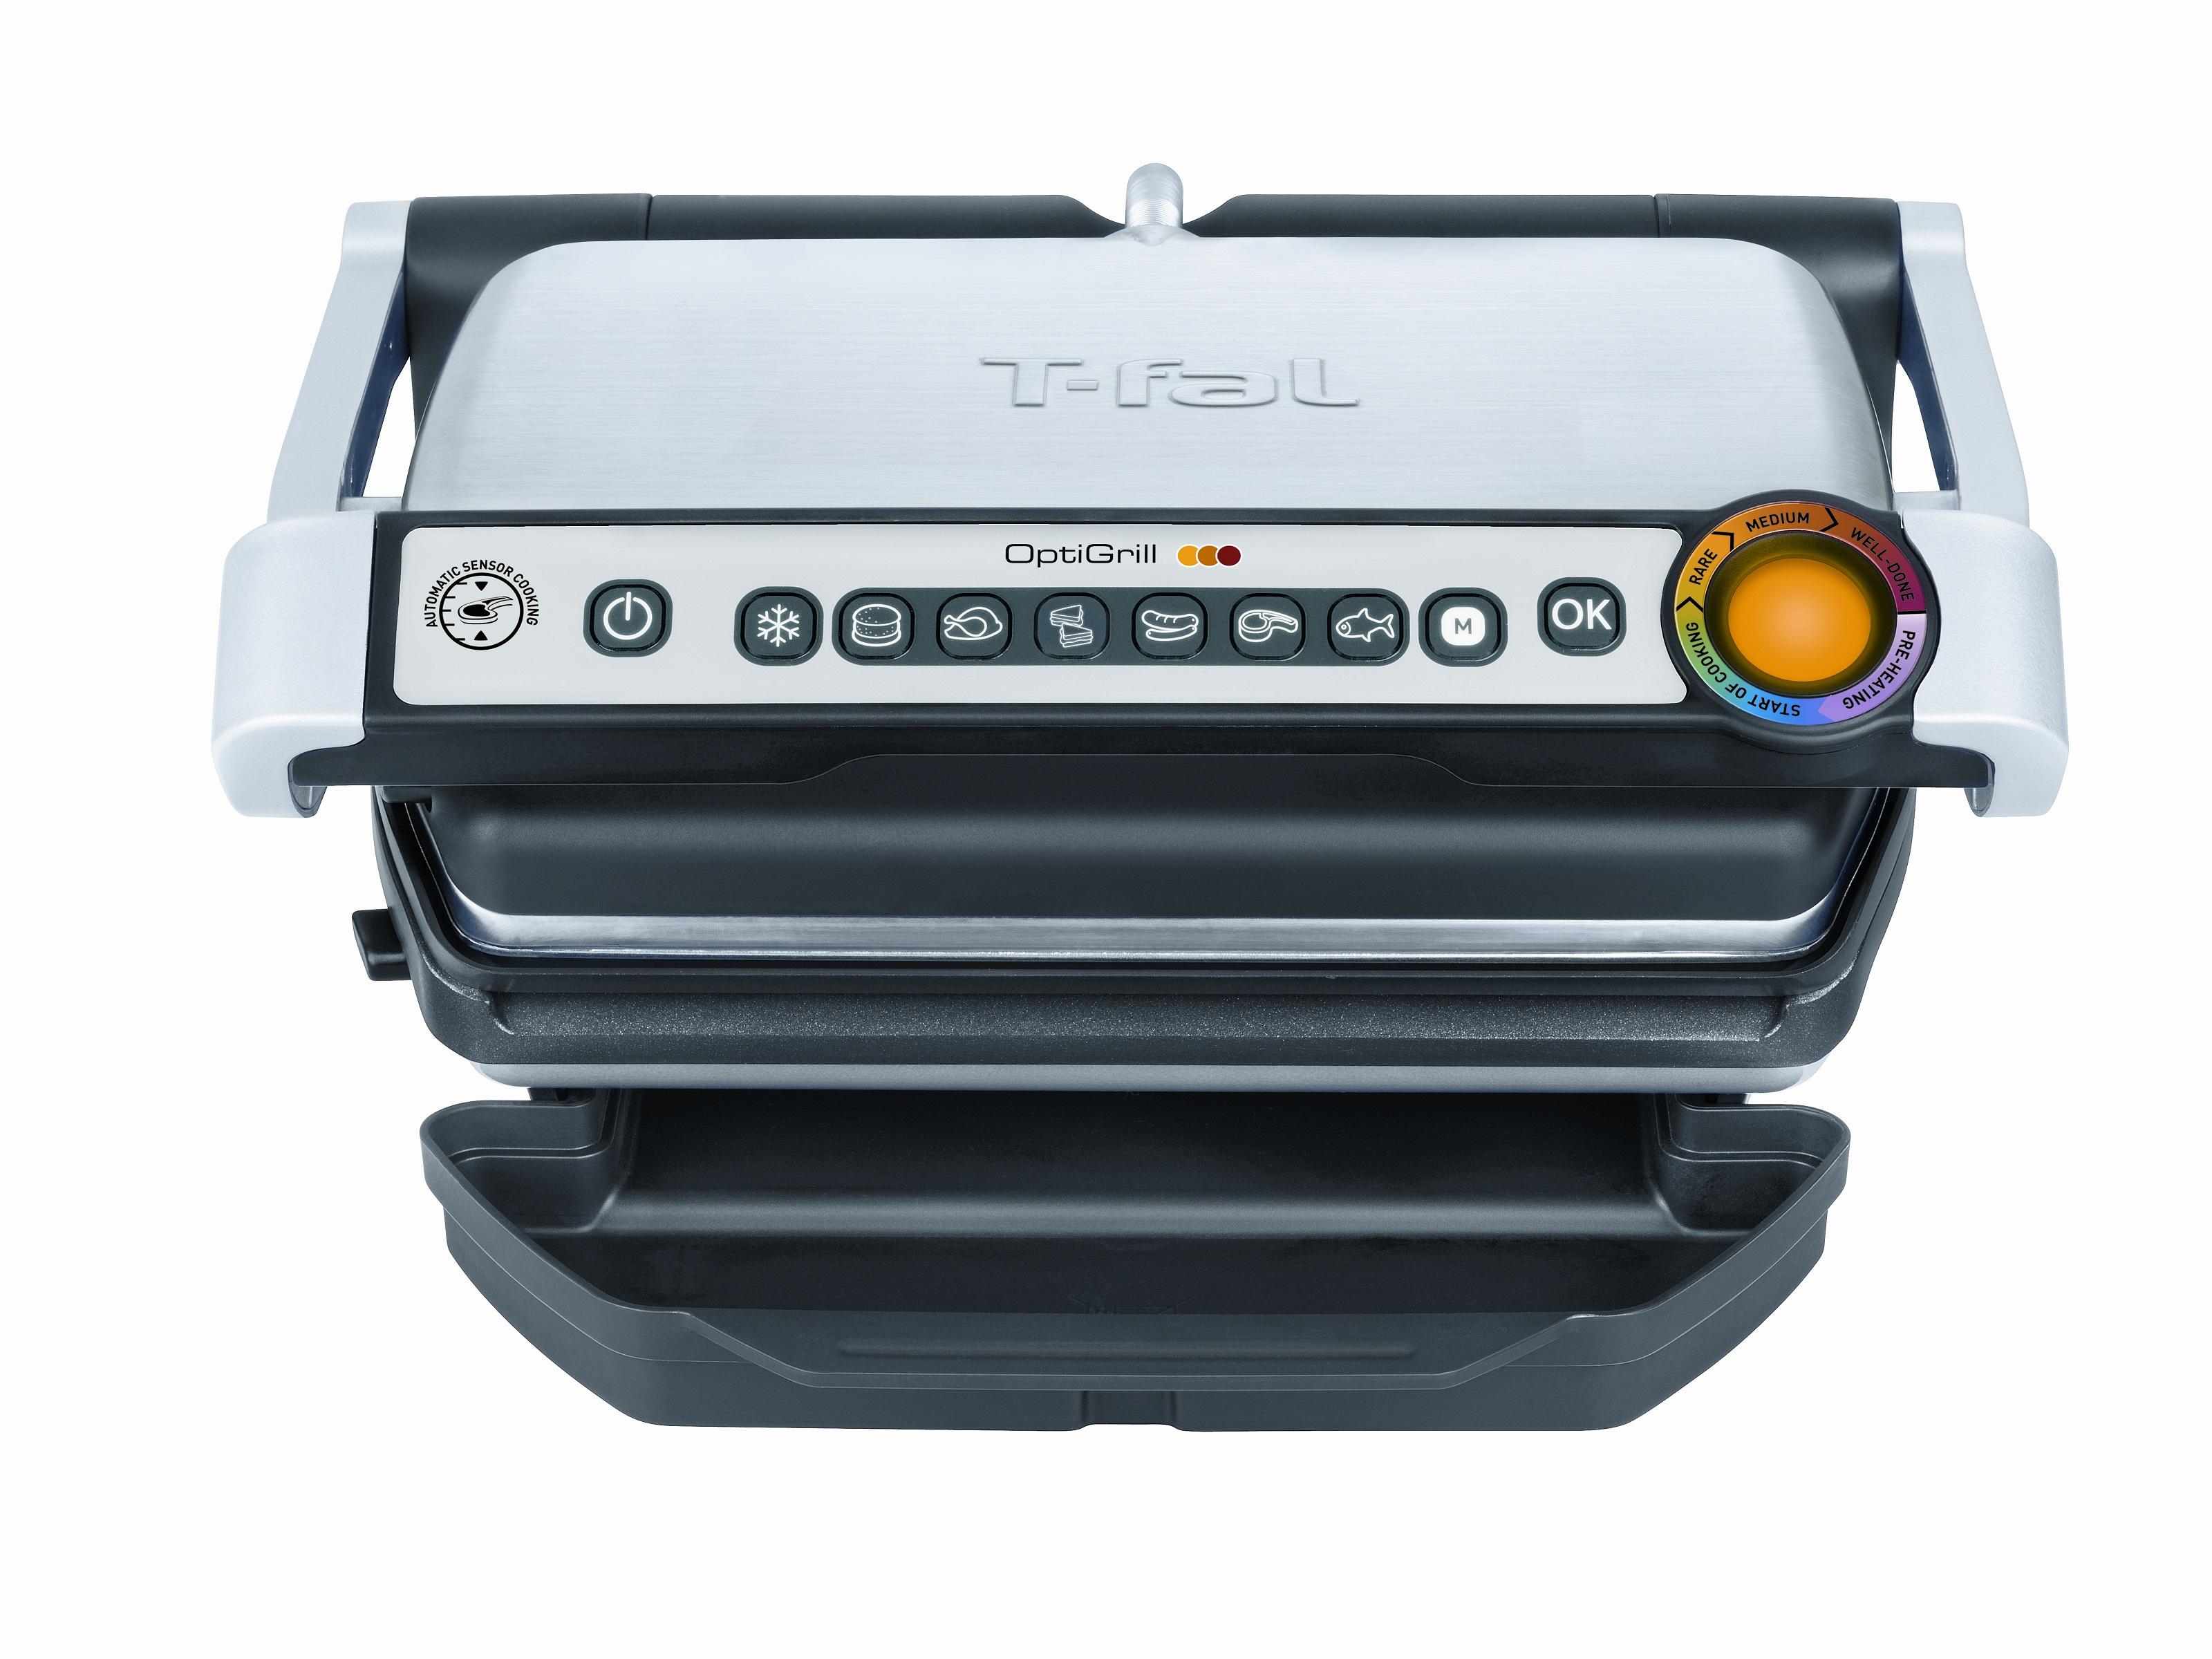 T fal gc702d optigrill indoor electric grill 100 healthy - T fal optigrill indoor electric grill ...